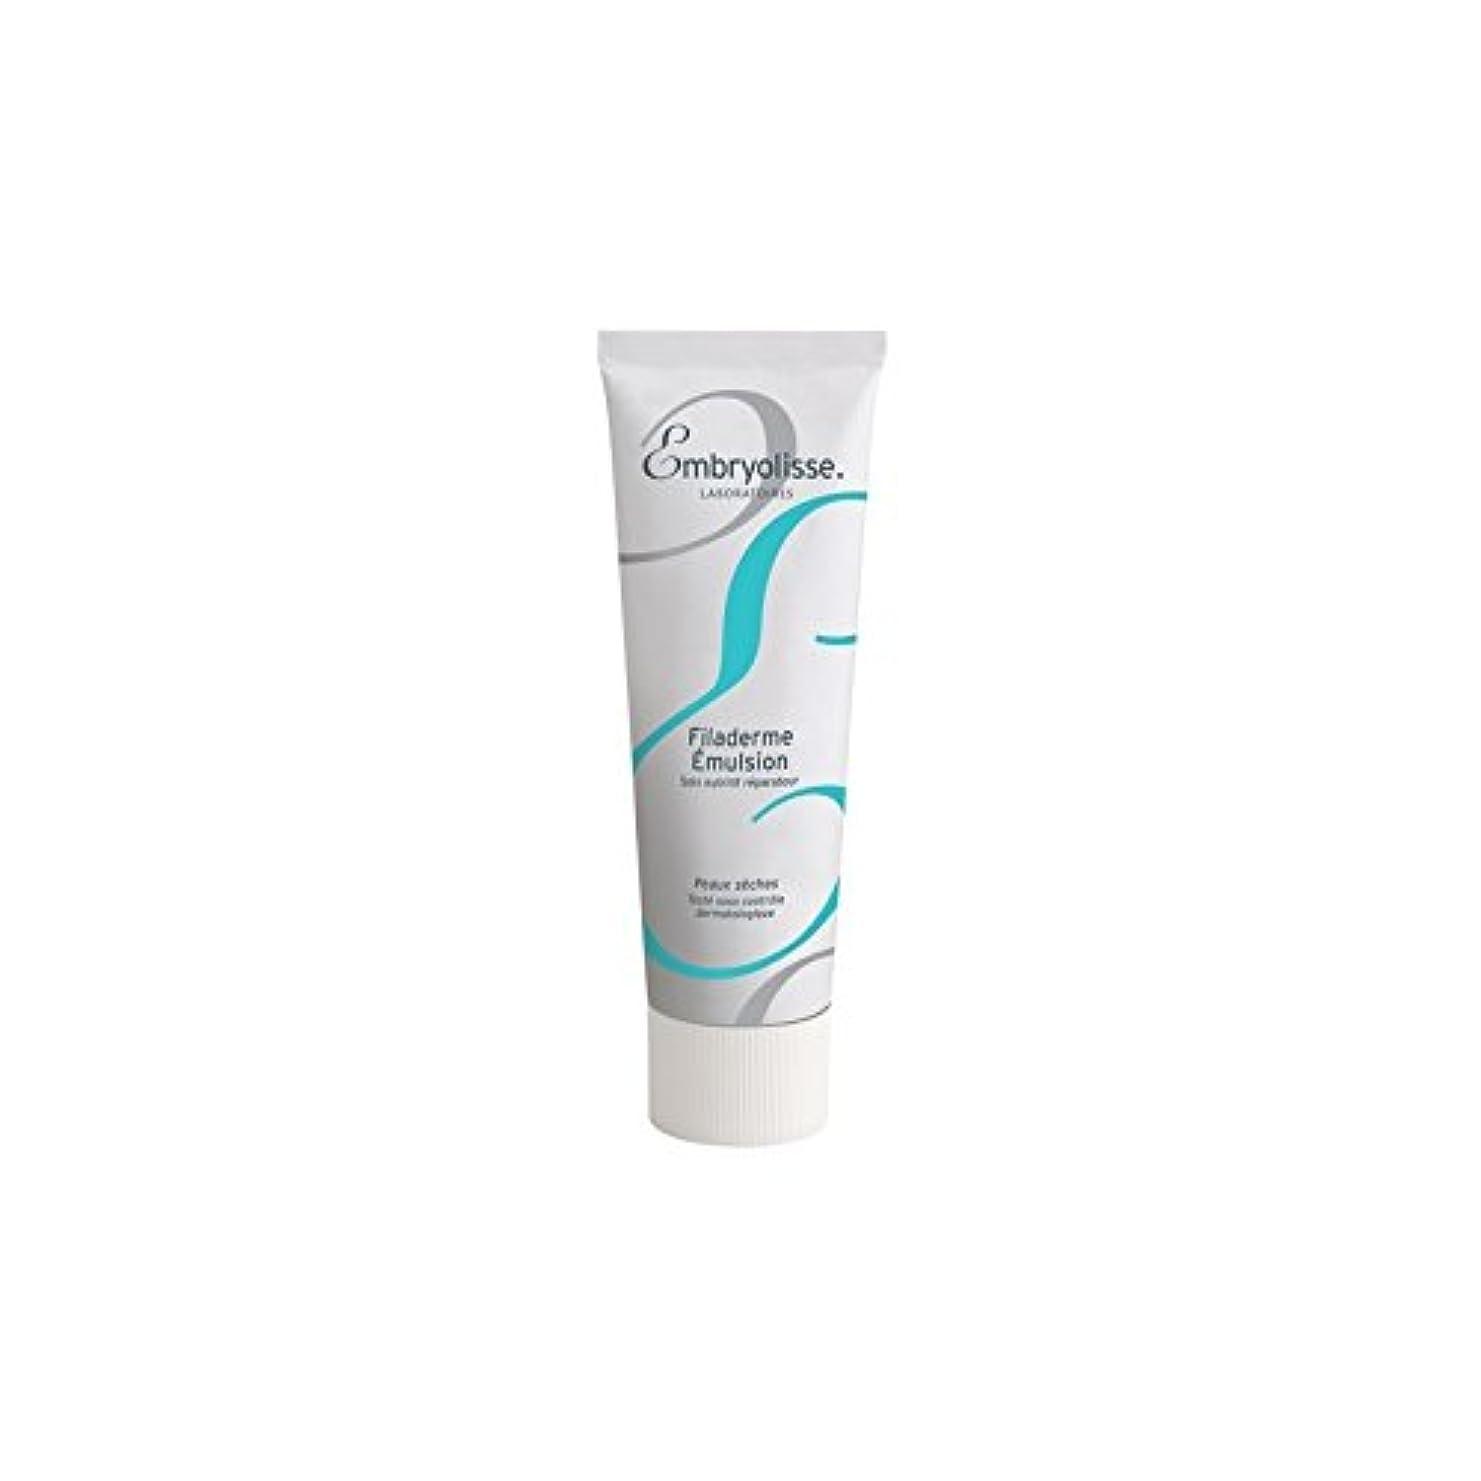 金銭的な無効にする再開Embryolisse Filaderme Emulsion (75ml) (Pack of 6) - エマルジョン(75ミリリットル) x6 [並行輸入品]